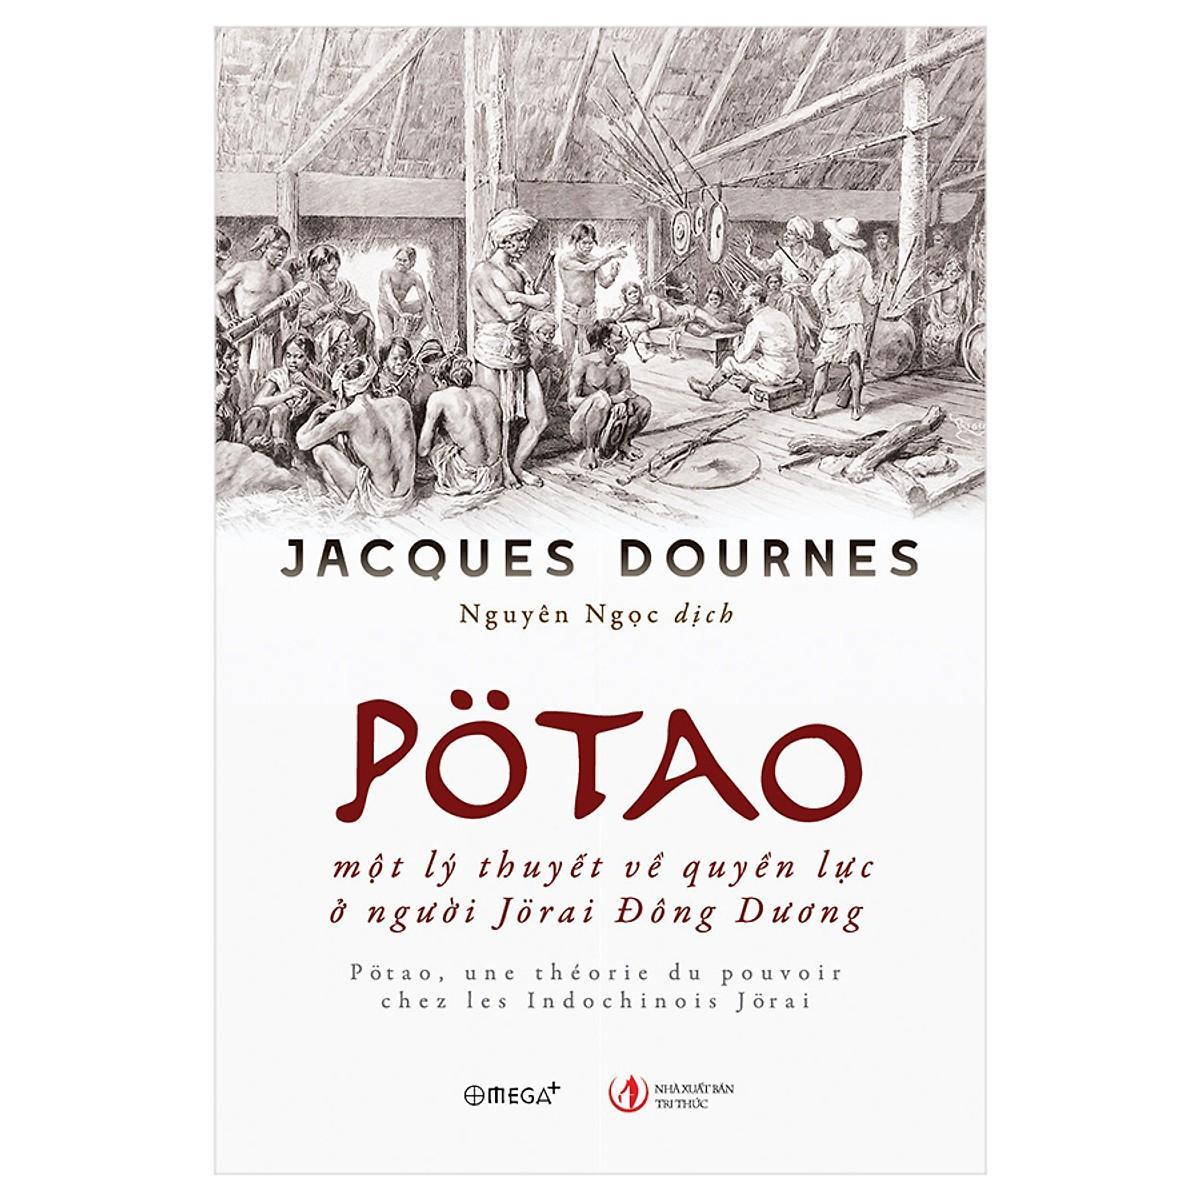 PoTao–Một Lý Thuyết Về Quyền Lực ở Người Jorai Đông Dương Giá Tốt Duy Nhất tại Lazada